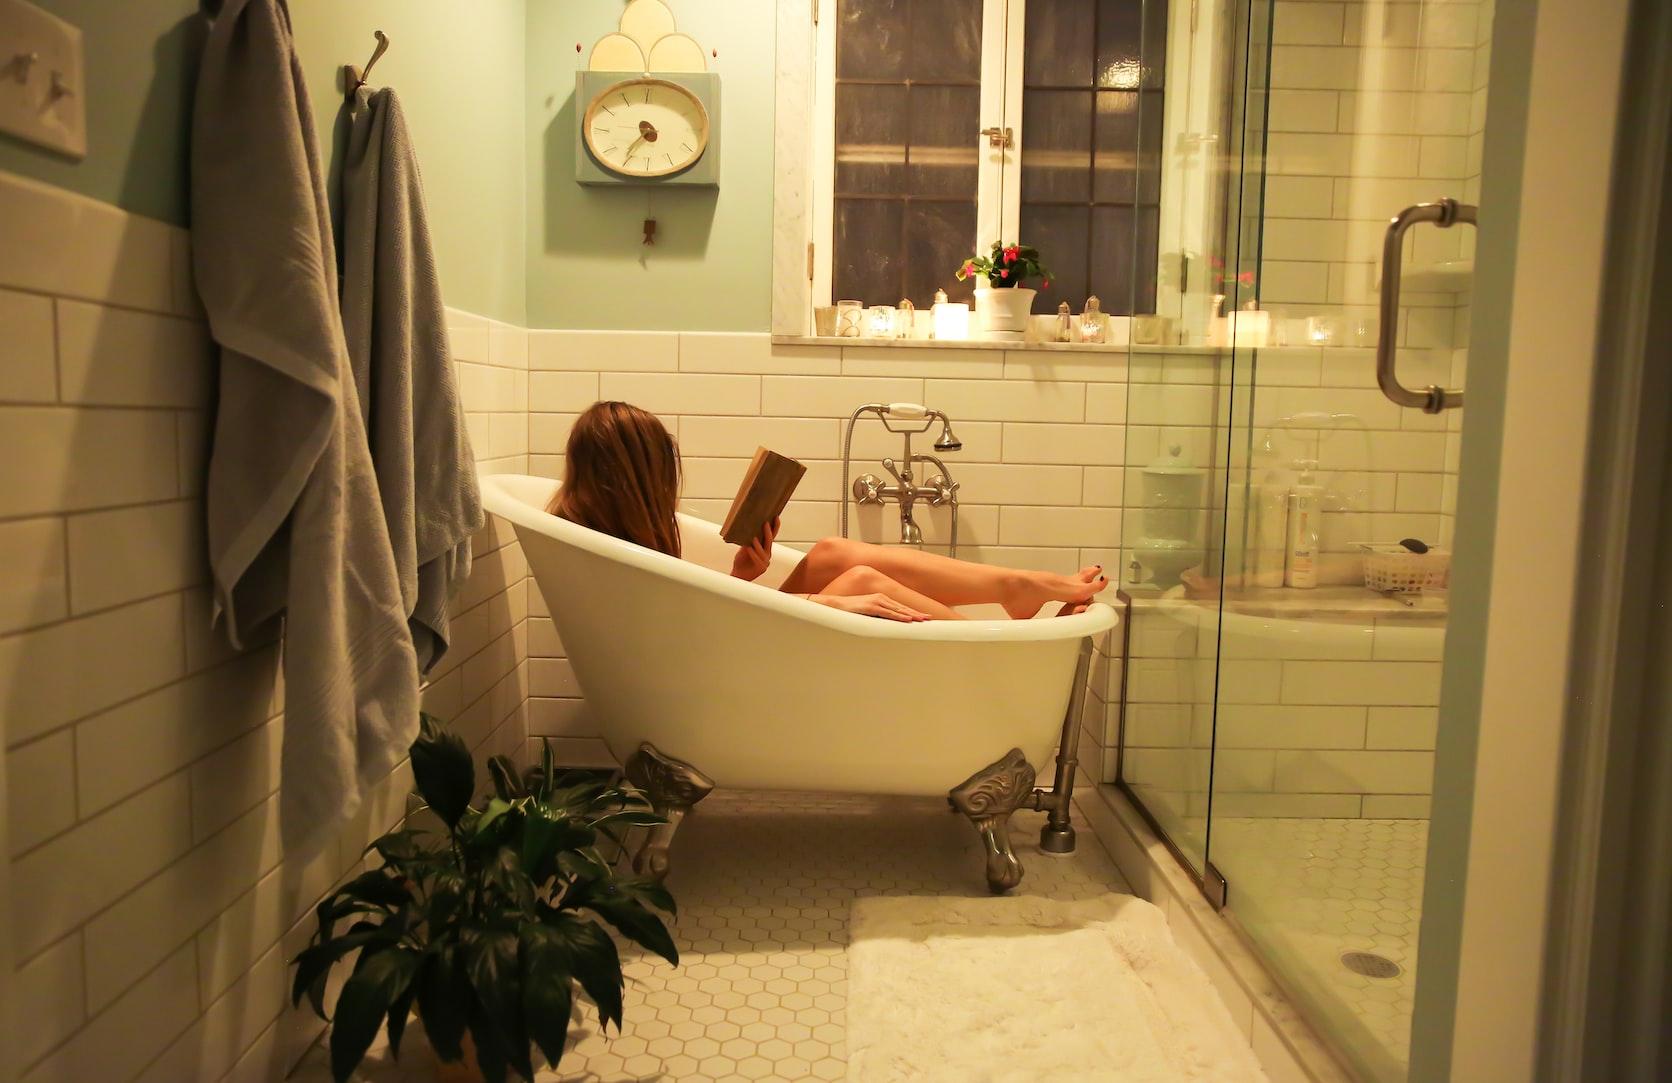 Чугунные ванны: пережиток прошлого или актуальный тренд